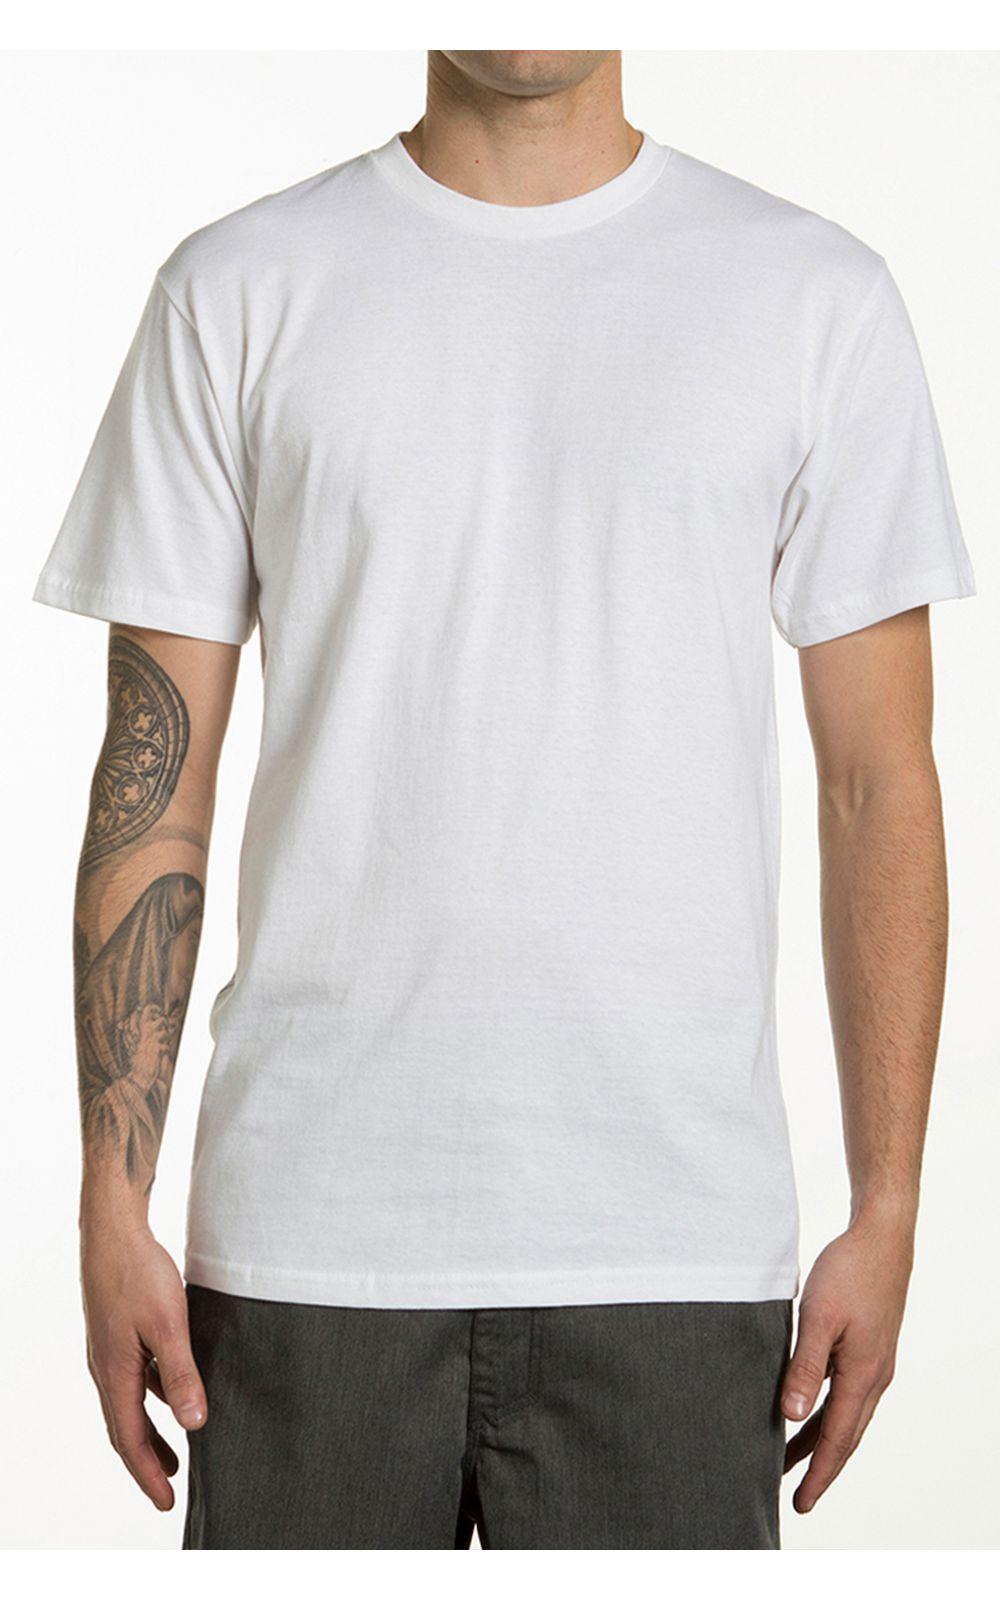 Camiseta-Tubo-White-frente_c